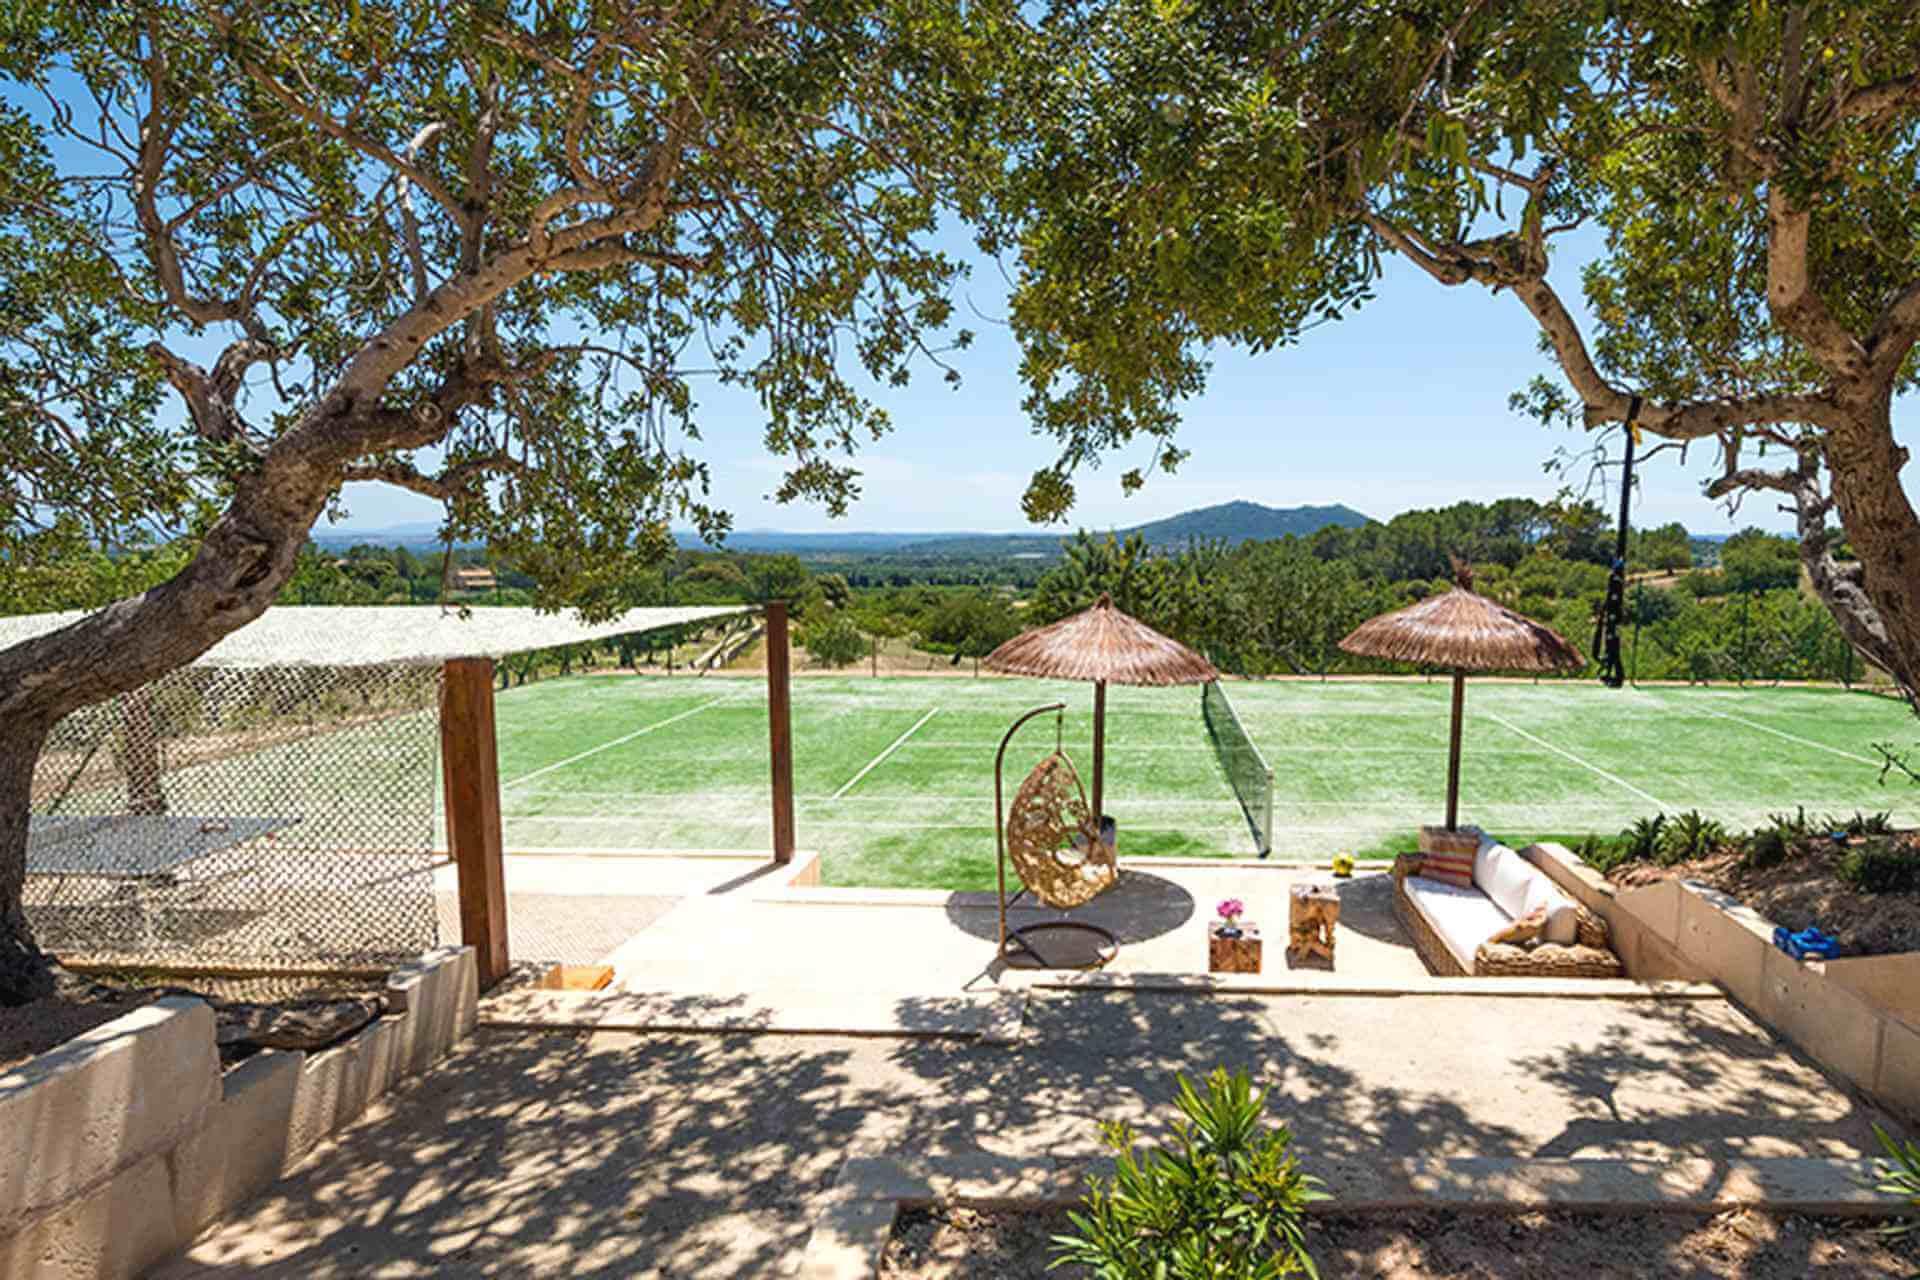 01-355 Tennis Court Finca Mallorca Center Bild 12